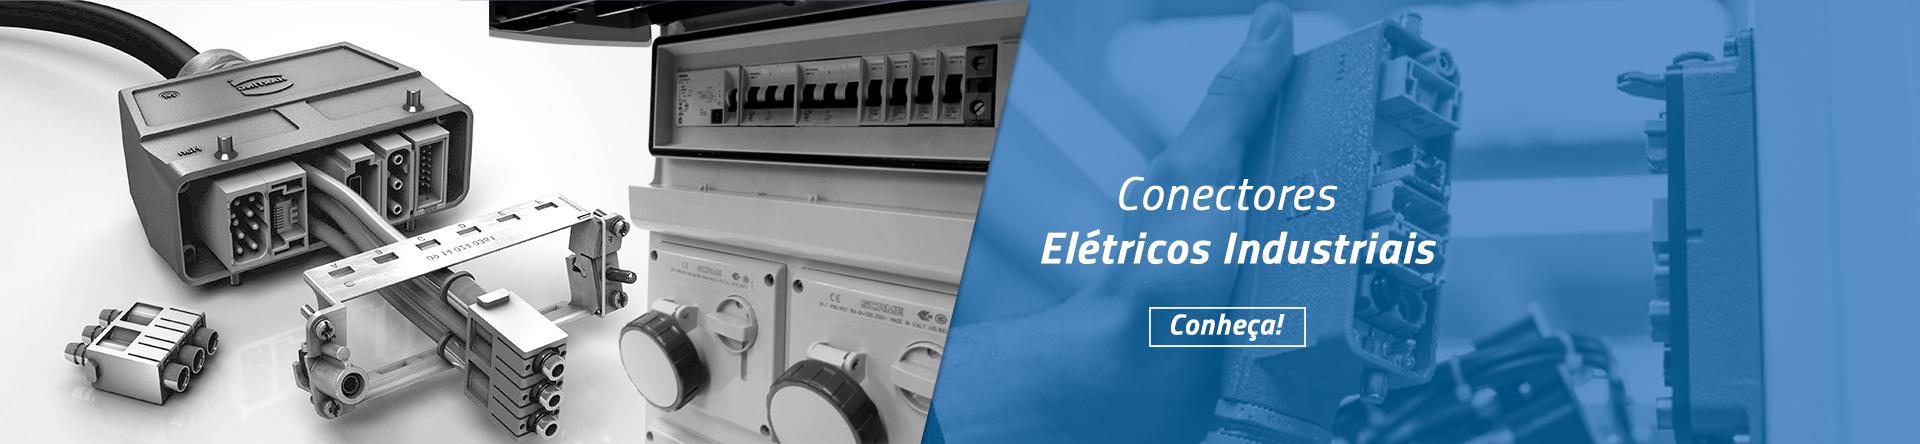 Conectores Elétricos insdustriais